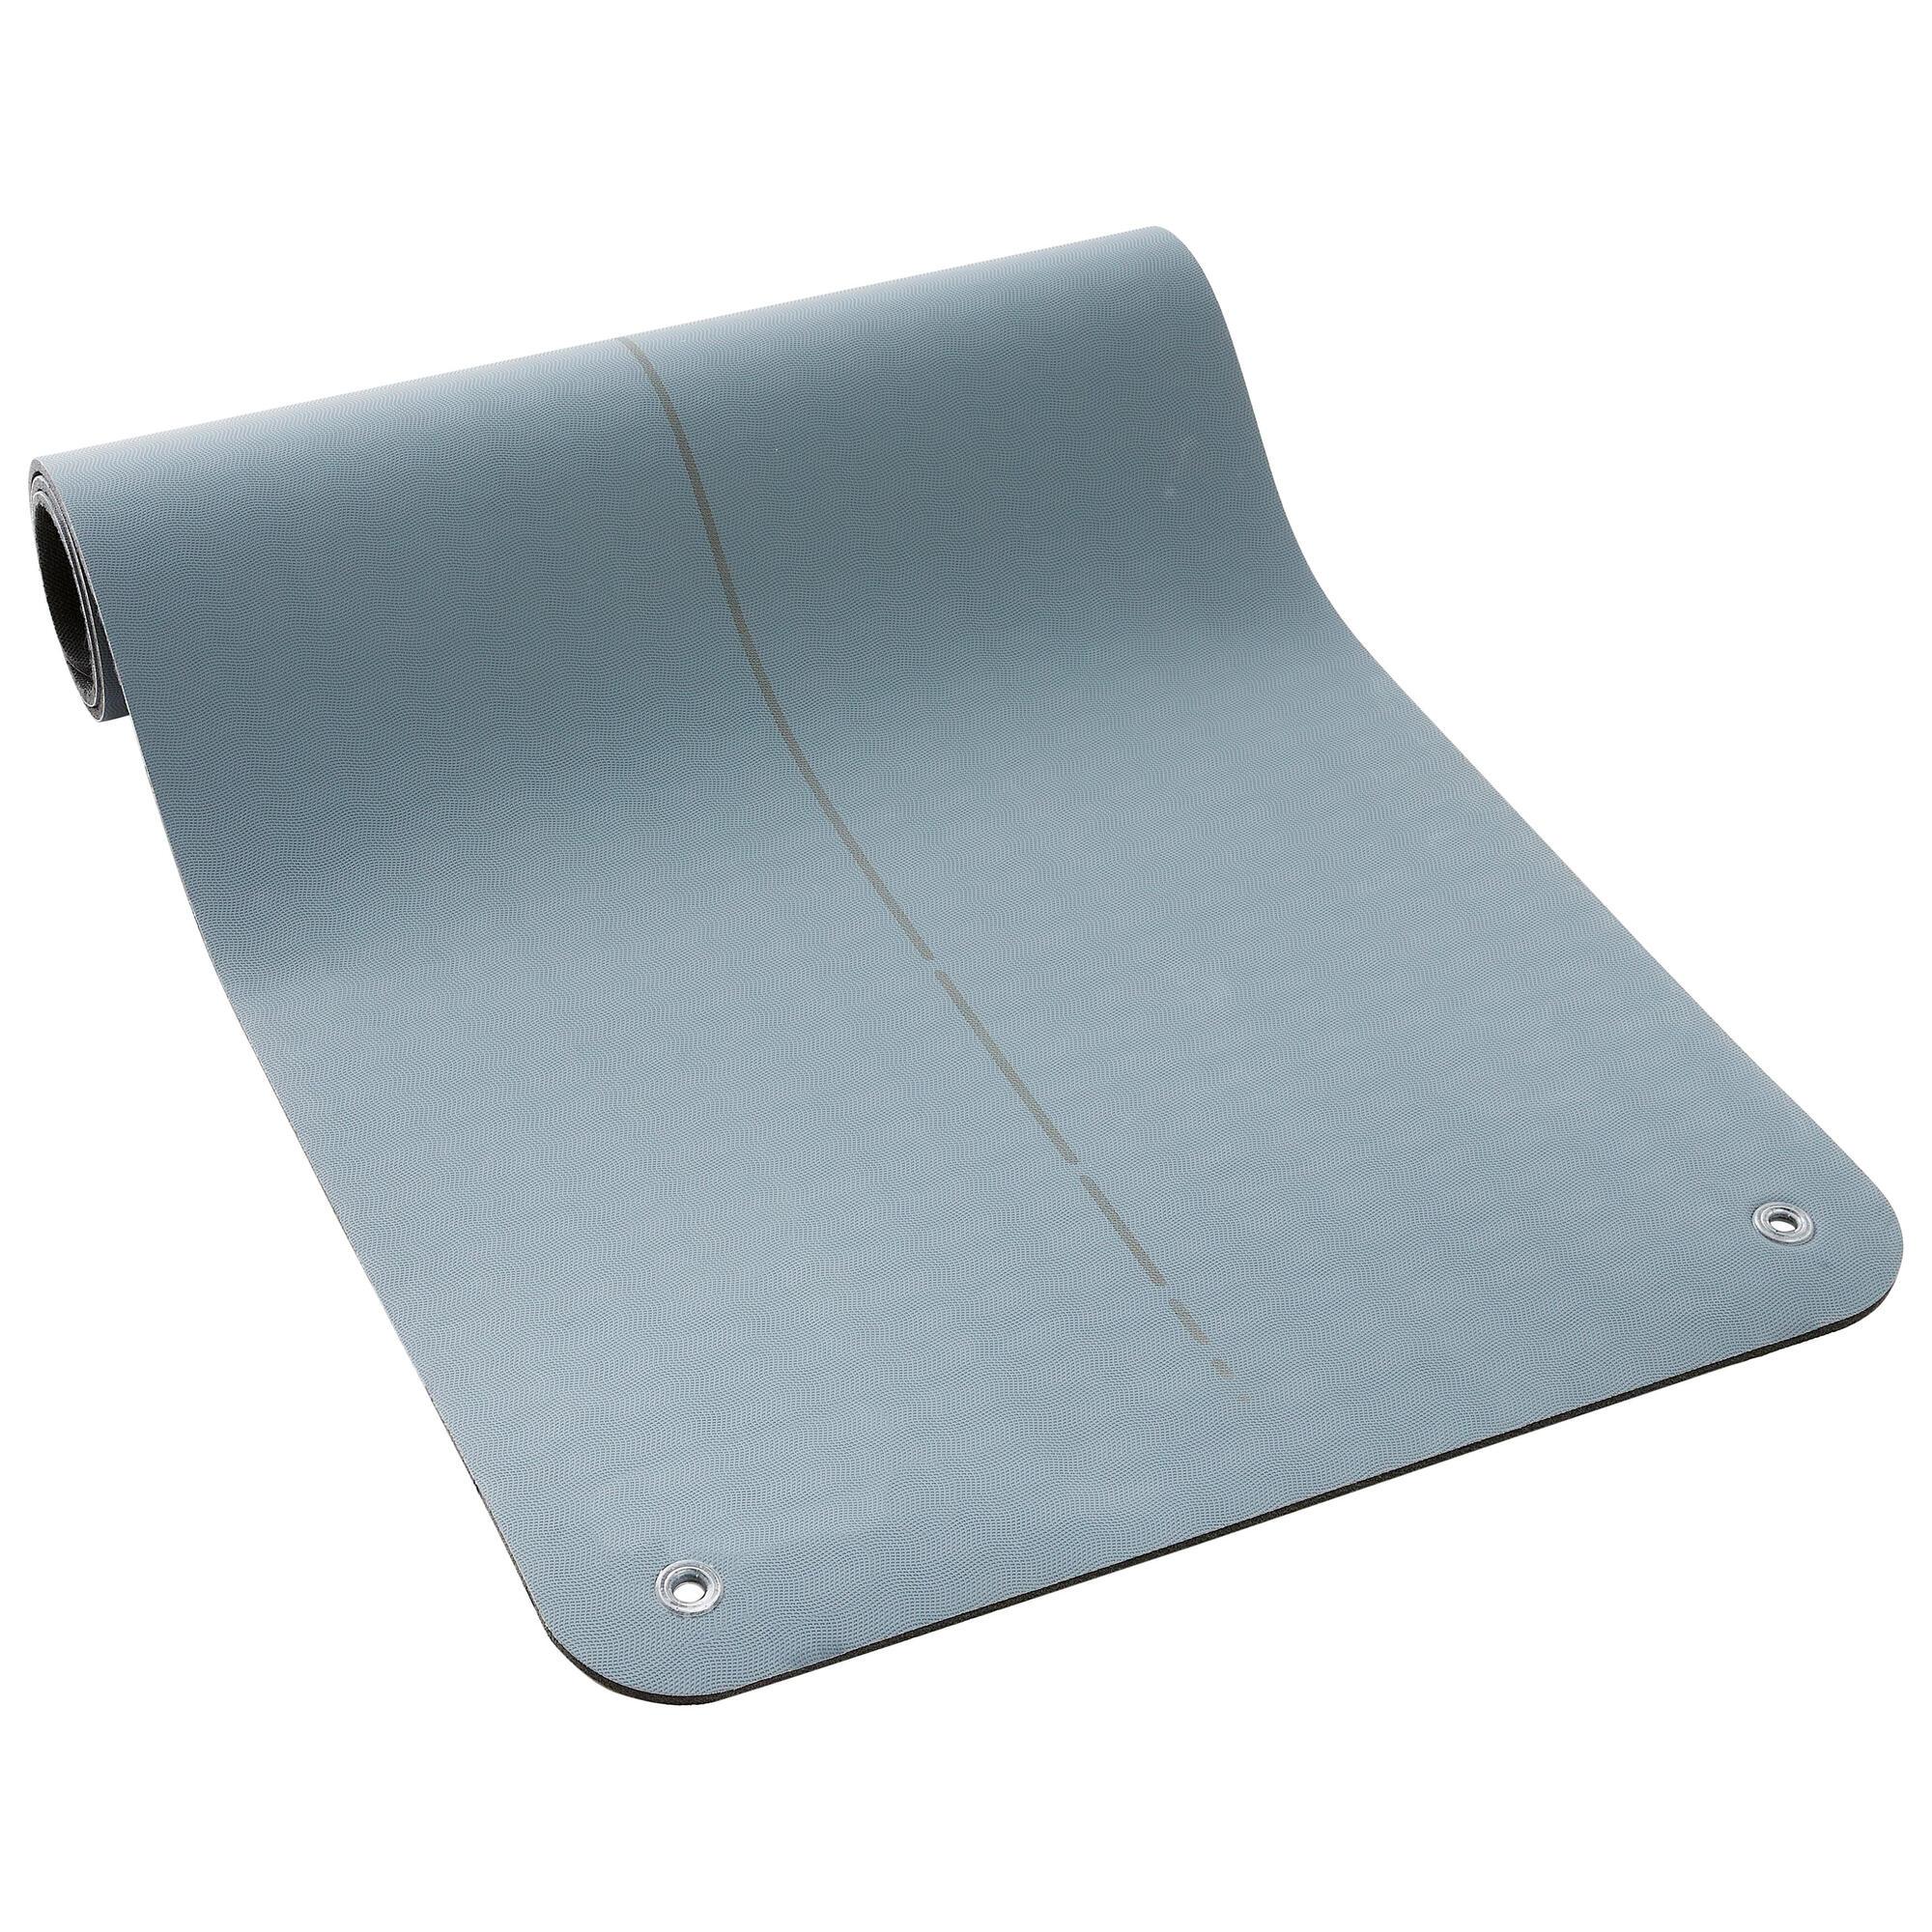 Petit matériel tonification - Tapis de sol fitness Tonemat M gris  9cmx9cmX9mm